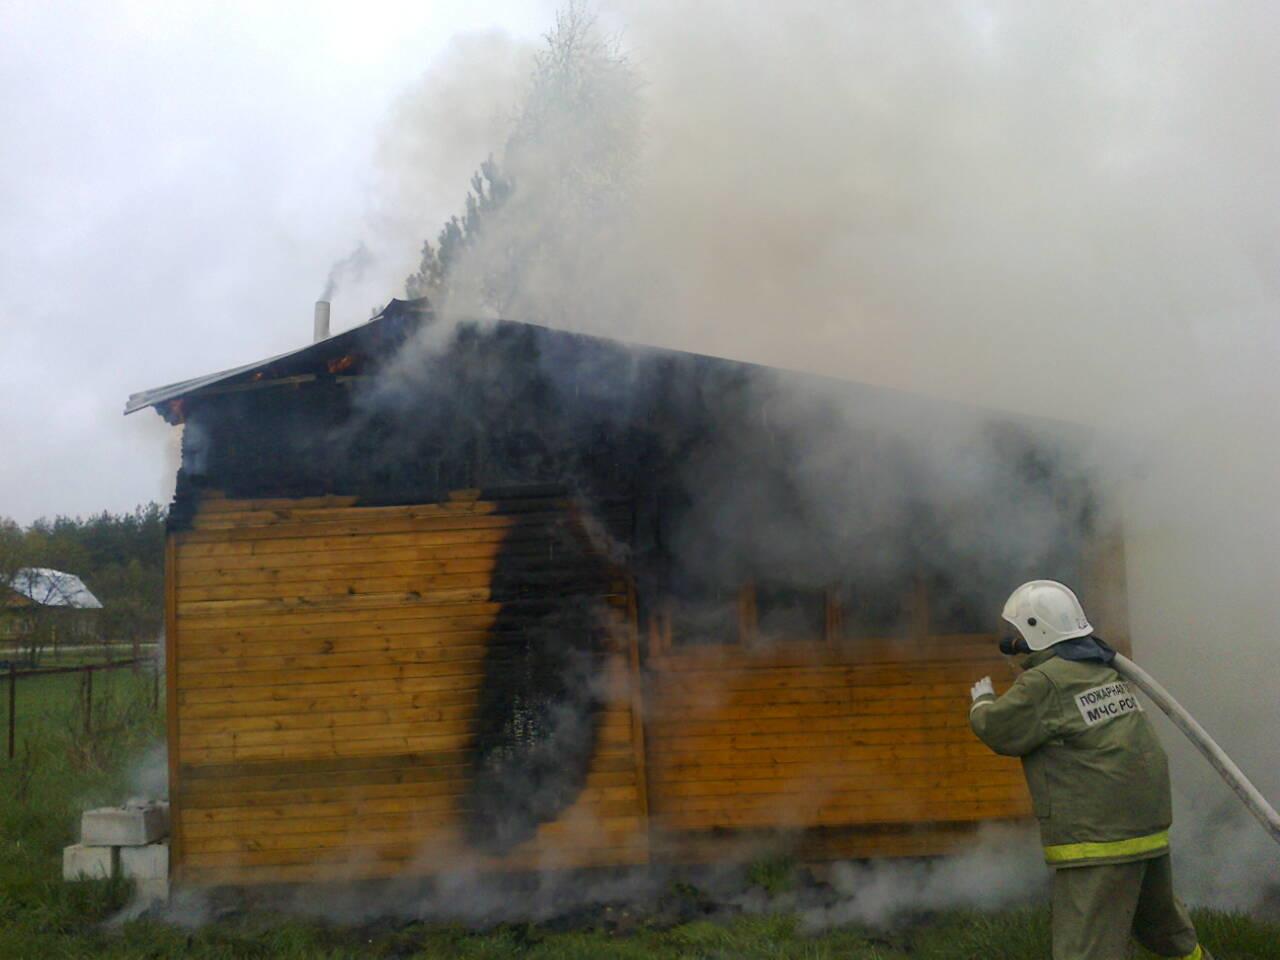 Пожарно-спасательные подразделения ликвидировали пожар в Питкярантском районе.